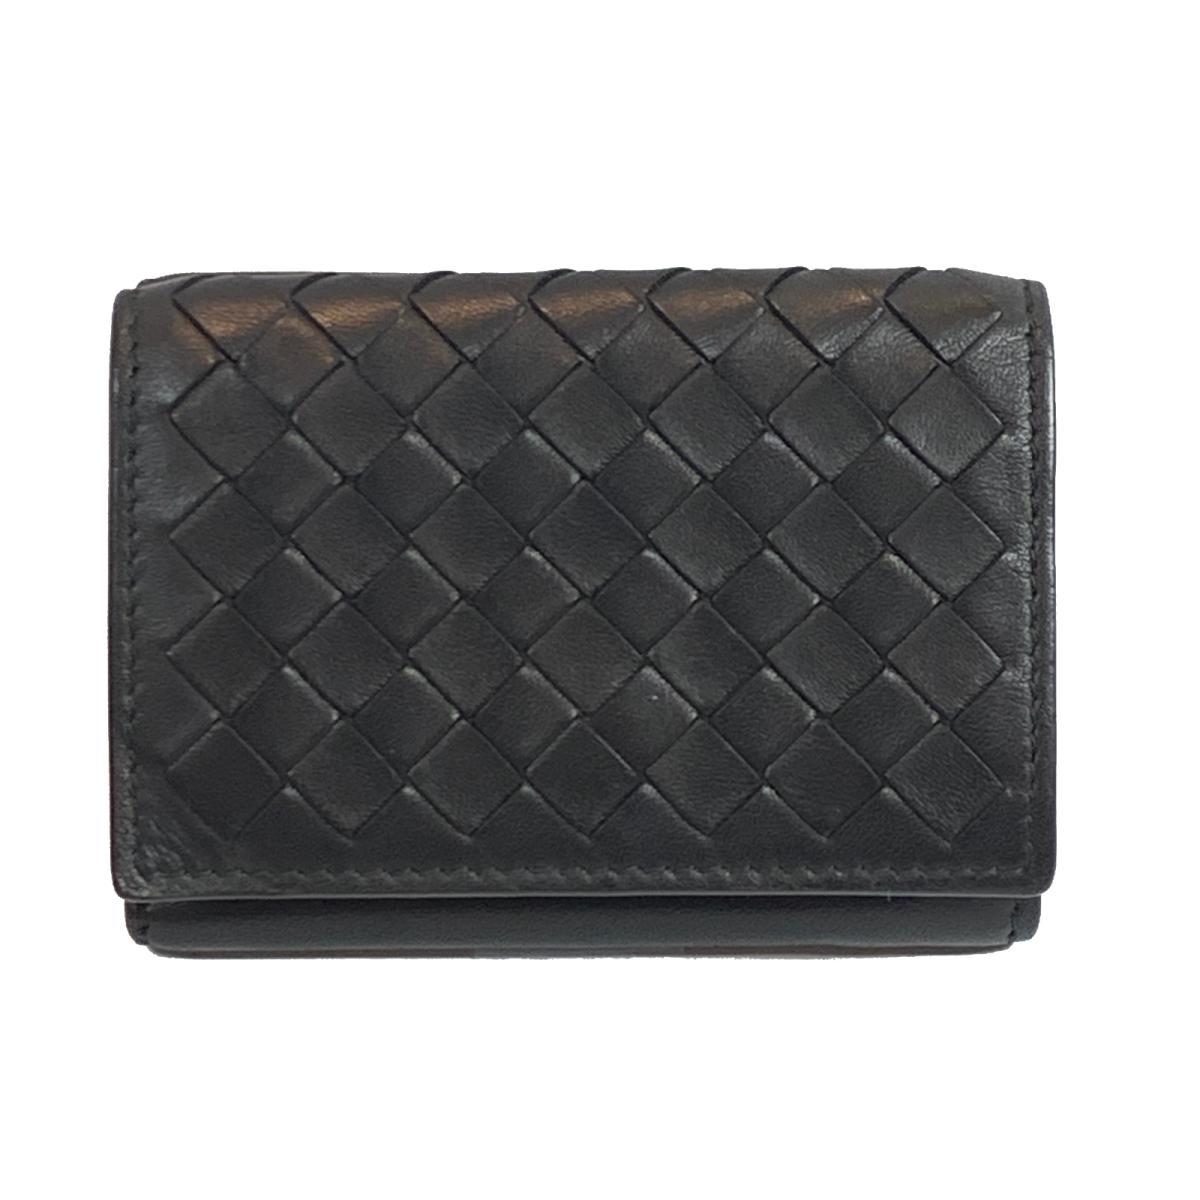 【中古】ボッテガ・ヴェネタ イントレチャート ミニウォレット 三つ折財布 財布 メンズ レザー ブラック